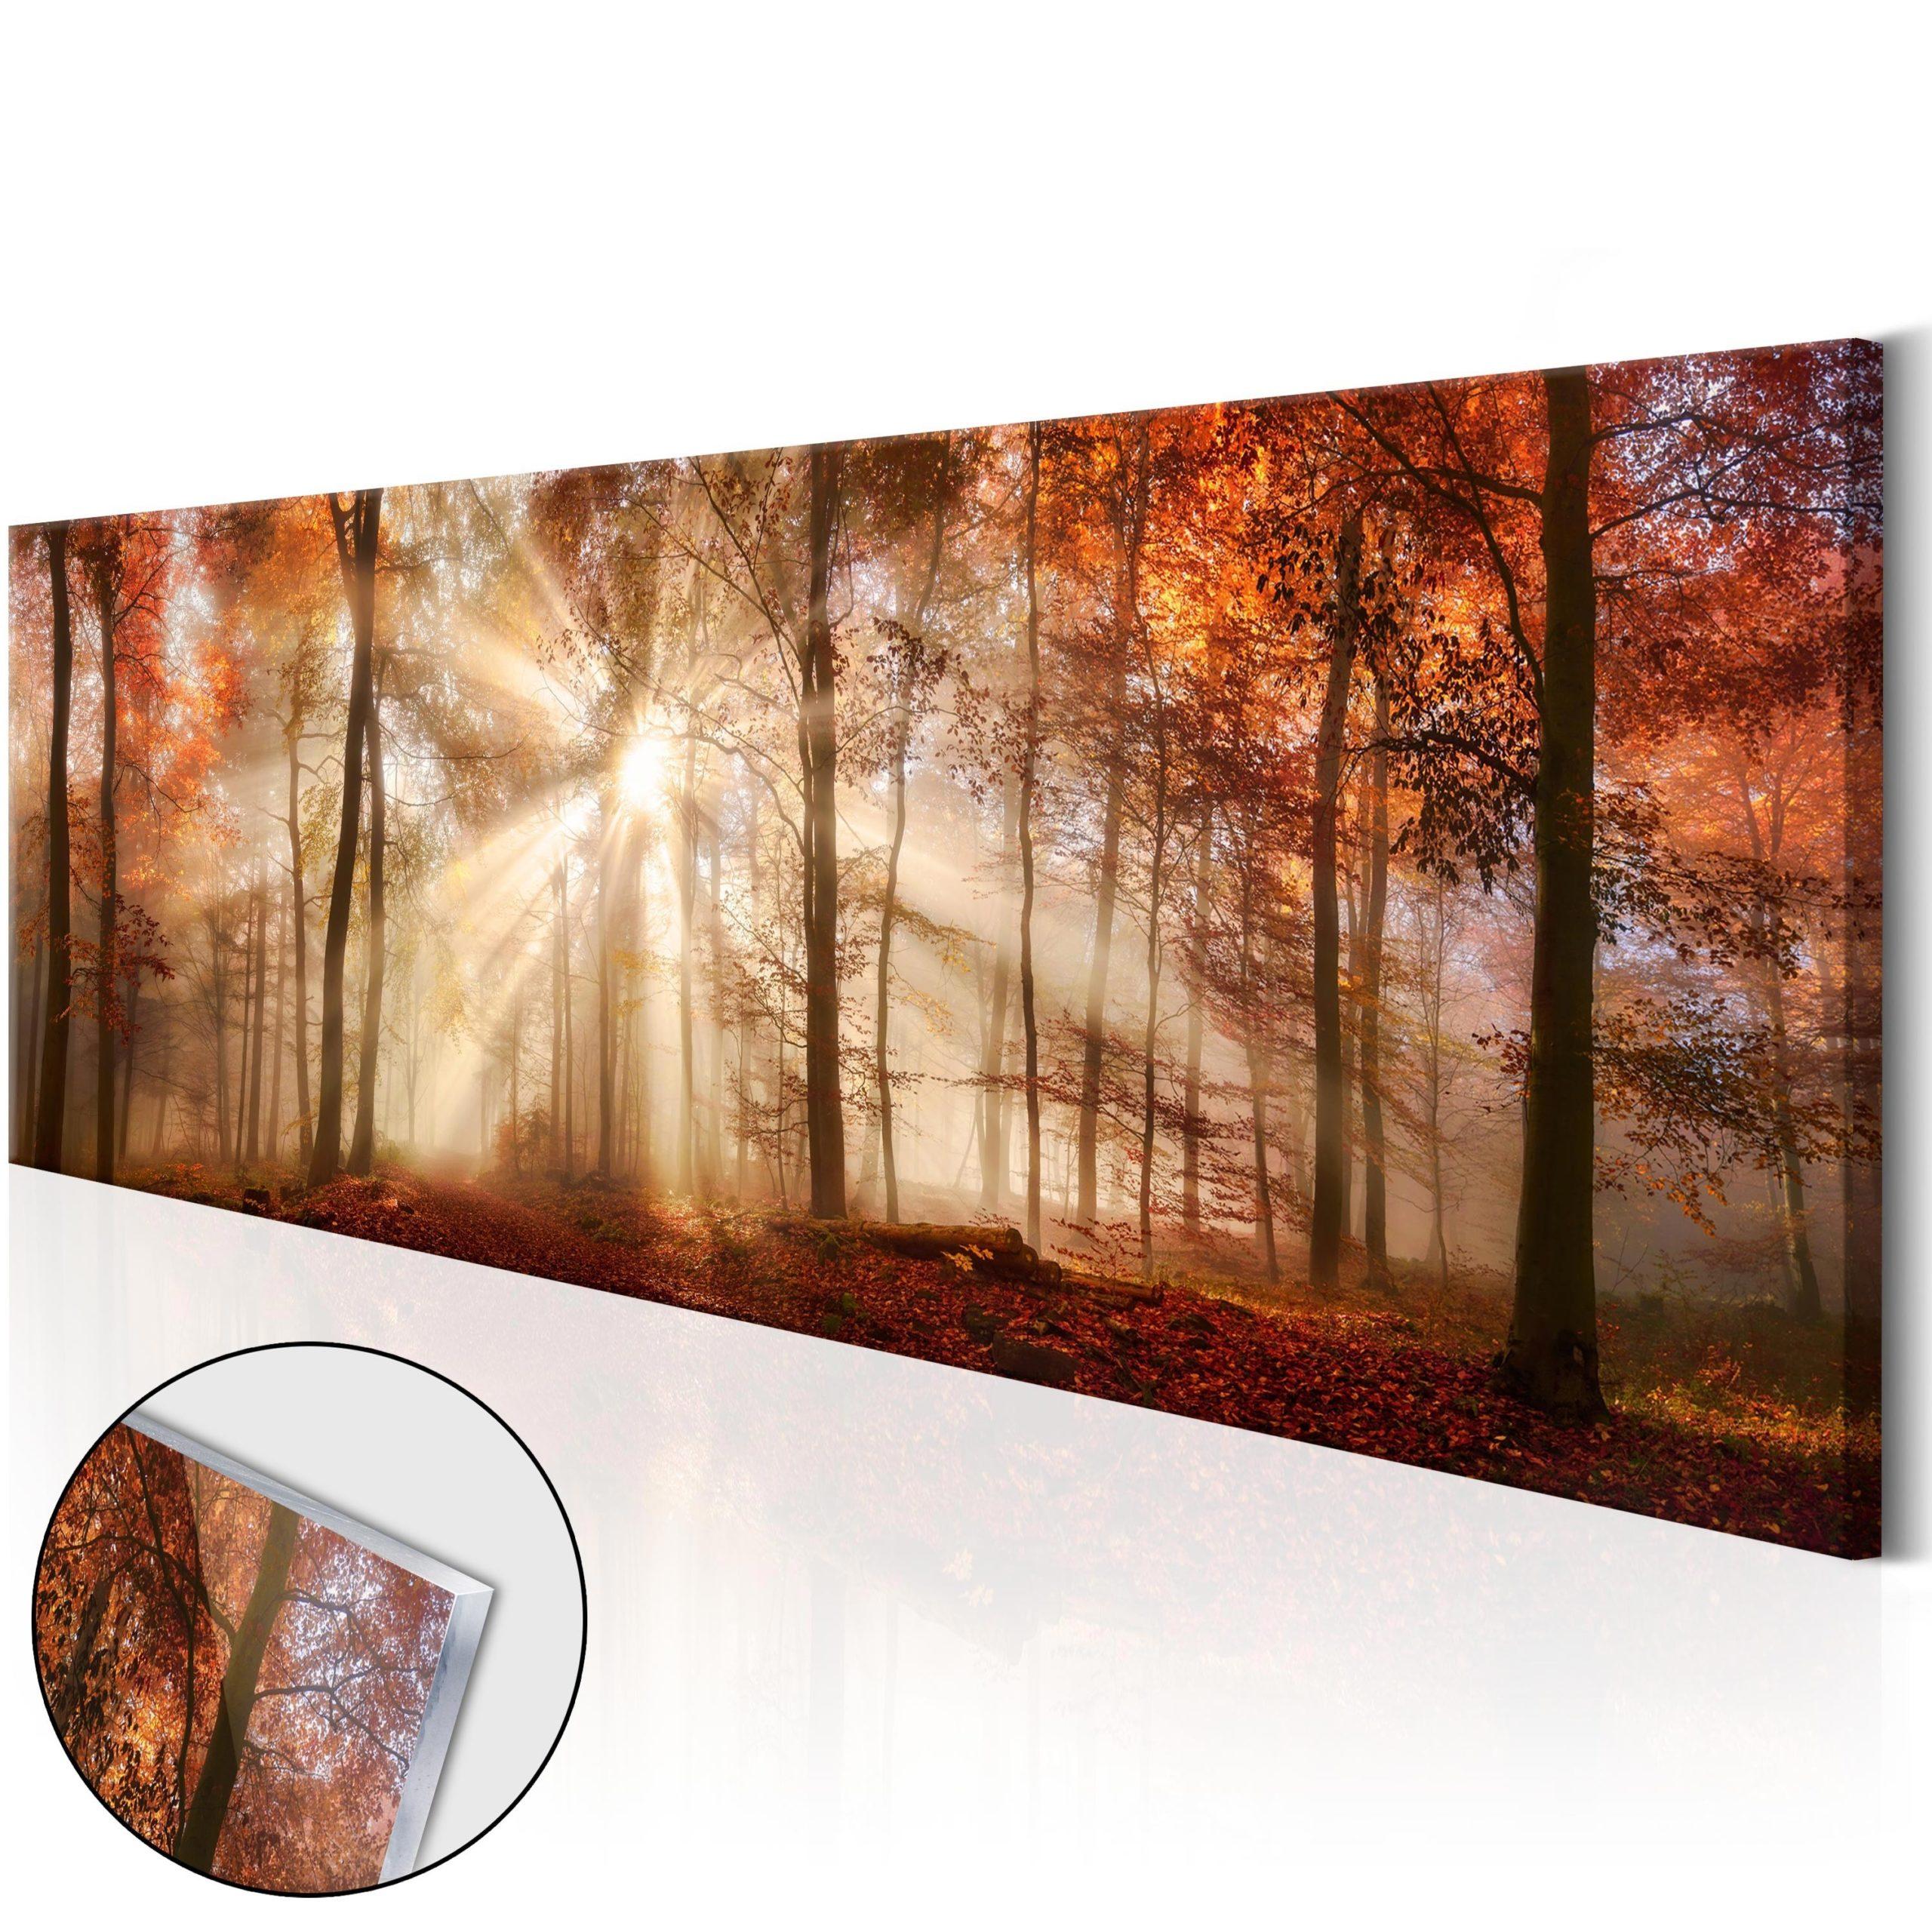 Les paysages méritent d'être imprimés sur acrylique.